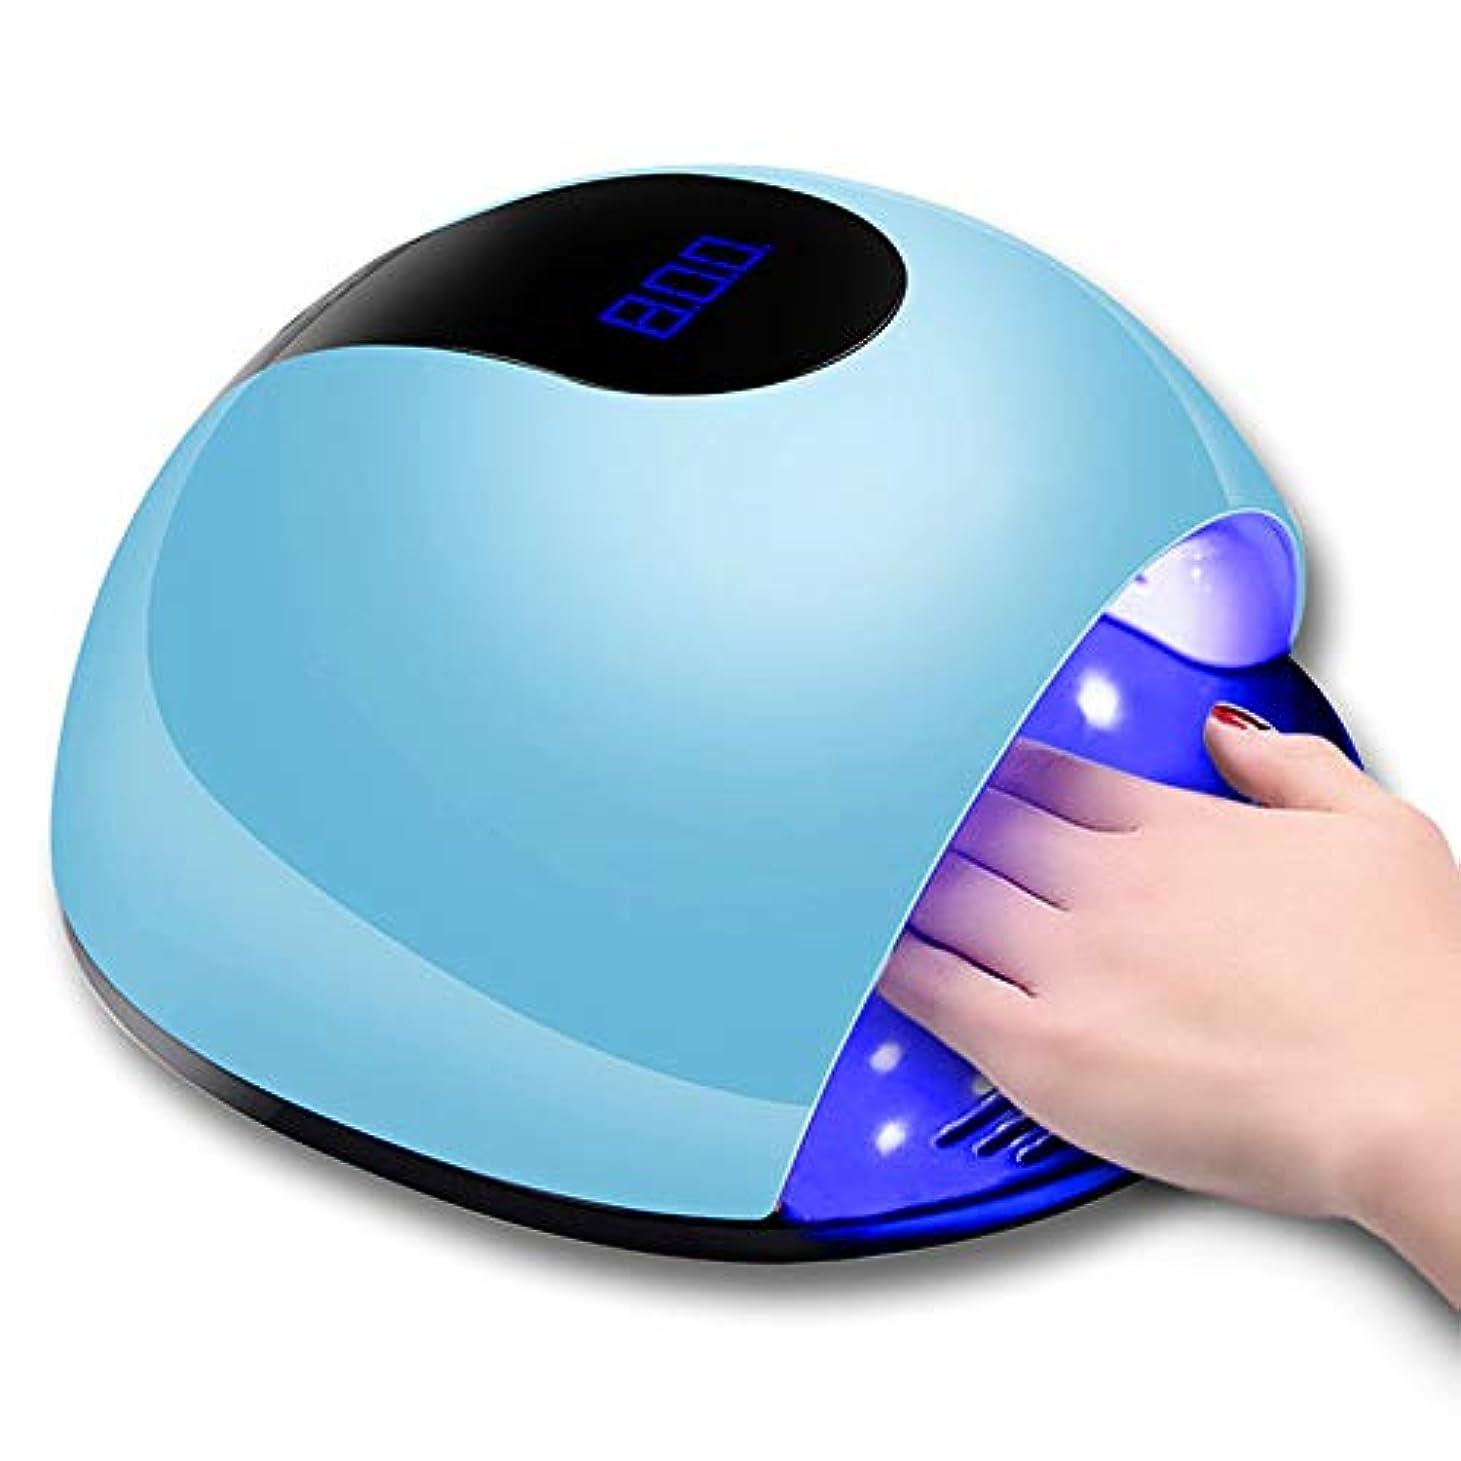 かわす西現金ジェルネイルポリッシュ80Wハイパワーネイル光線療法マシンLEDライト速乾性ネイルランプ誘導ネイルベーキングランプドライヤー,ブルー